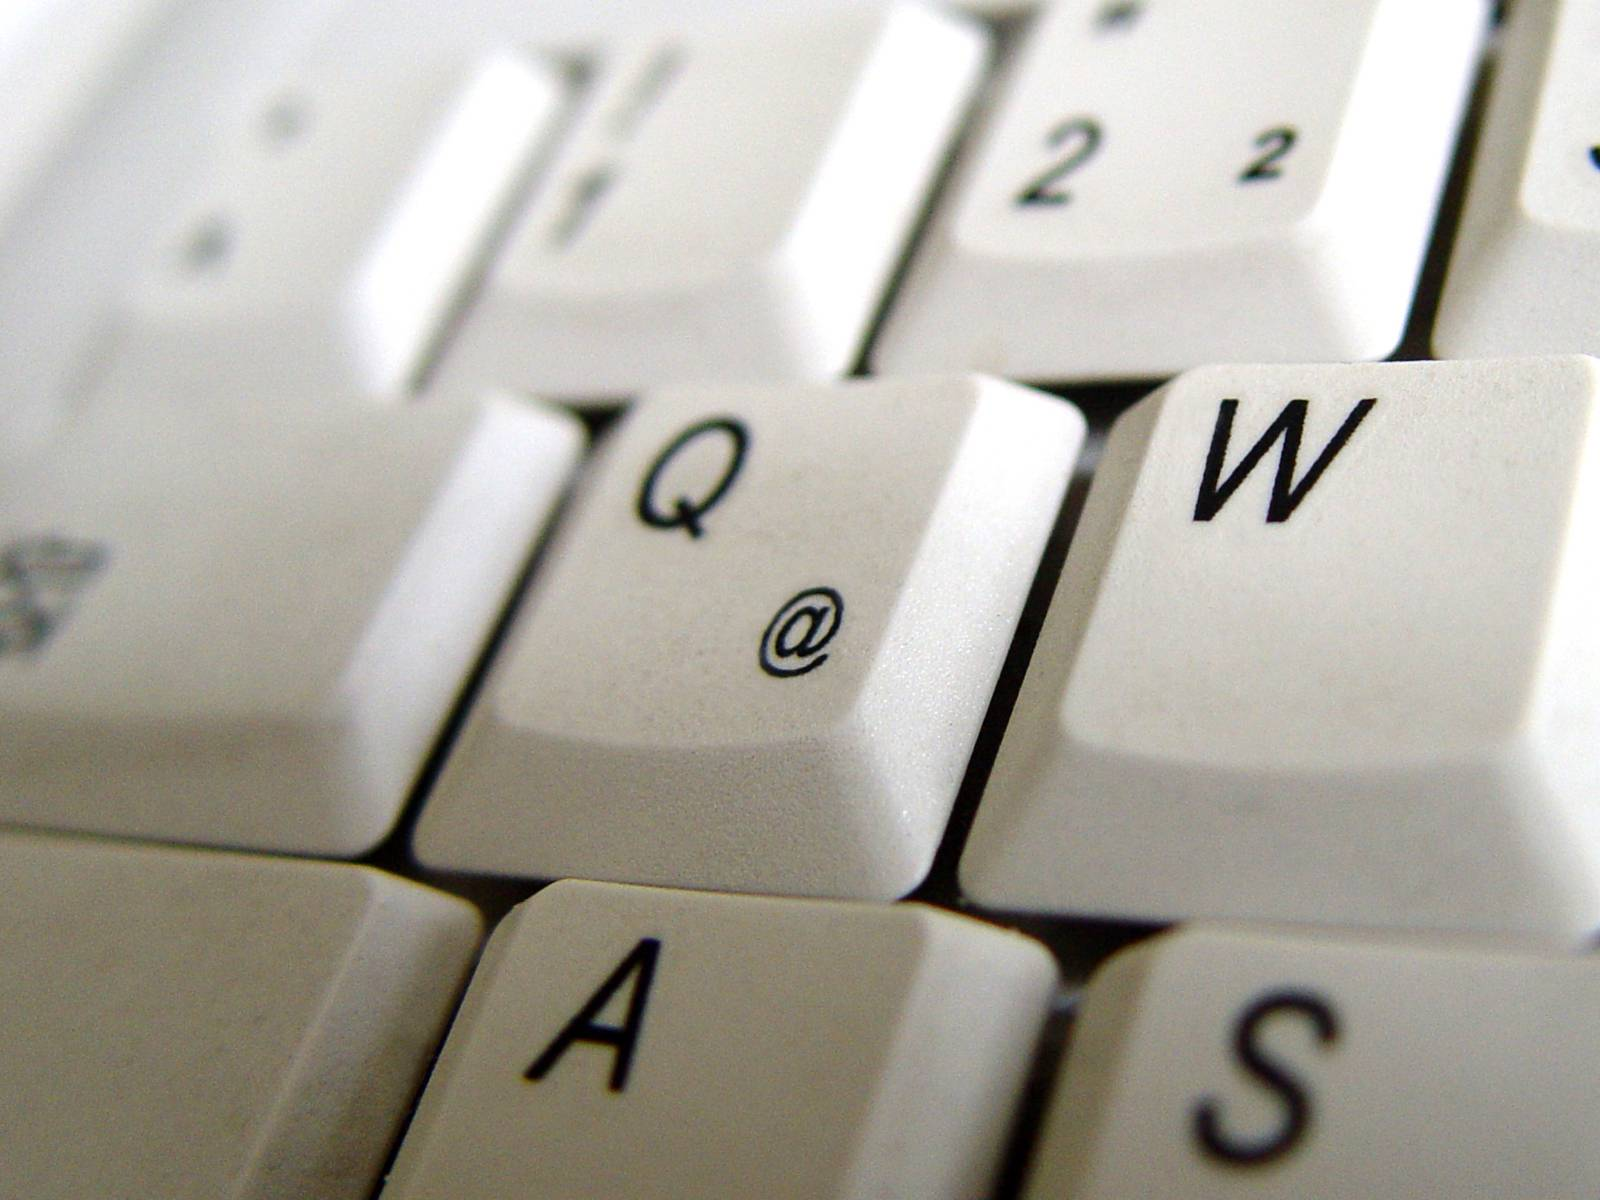 """Ausschnitt einer Tastatur, im Zentrum des Bildes steht die Taste """"Q"""""""